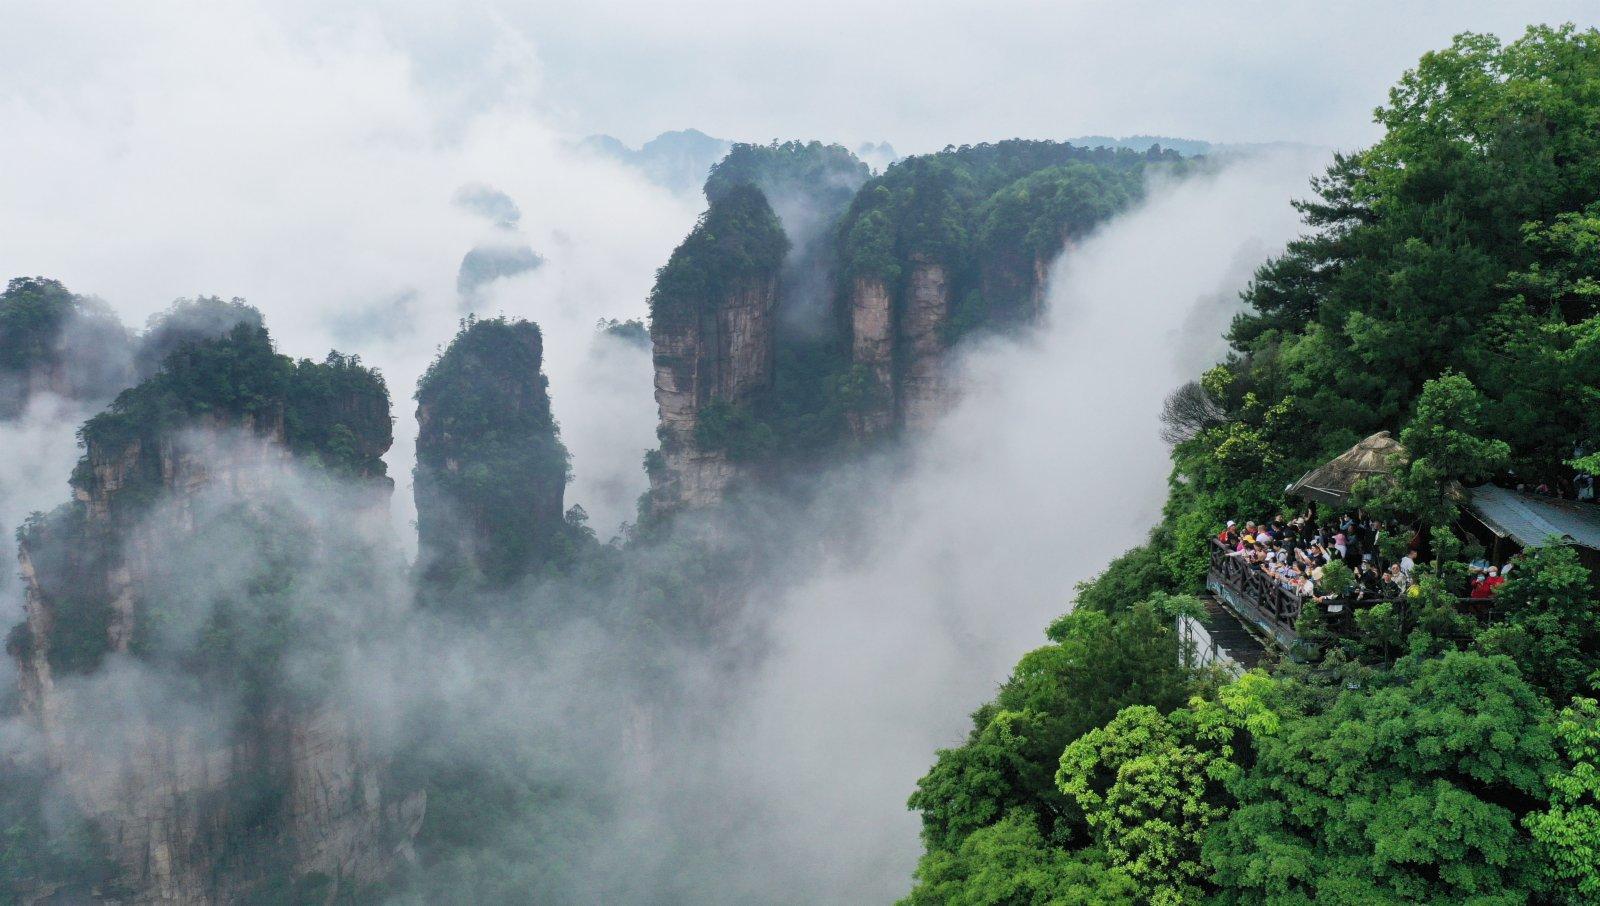 5月14日,遊人在張家界武陵源景區欣賞峰林雲海美景。